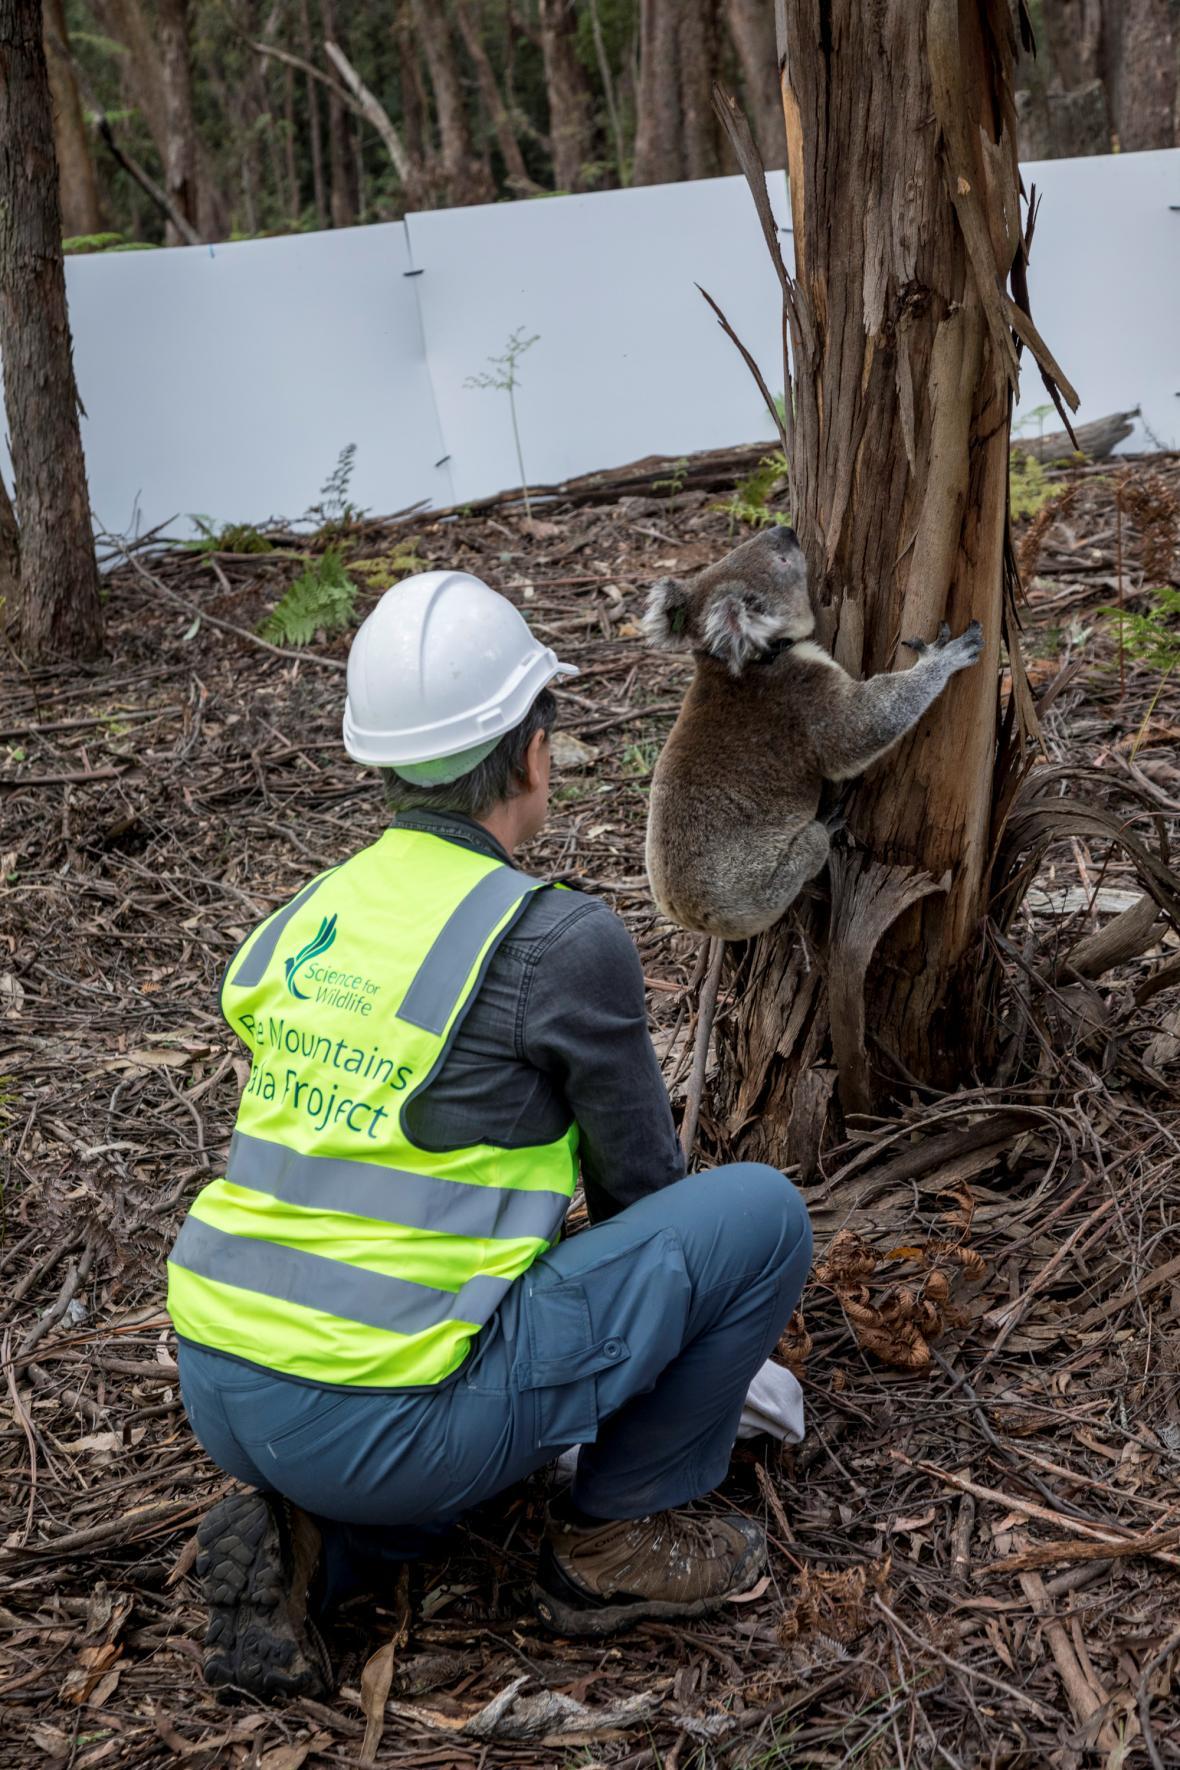 Návrat koalů zpátky do volné přírody